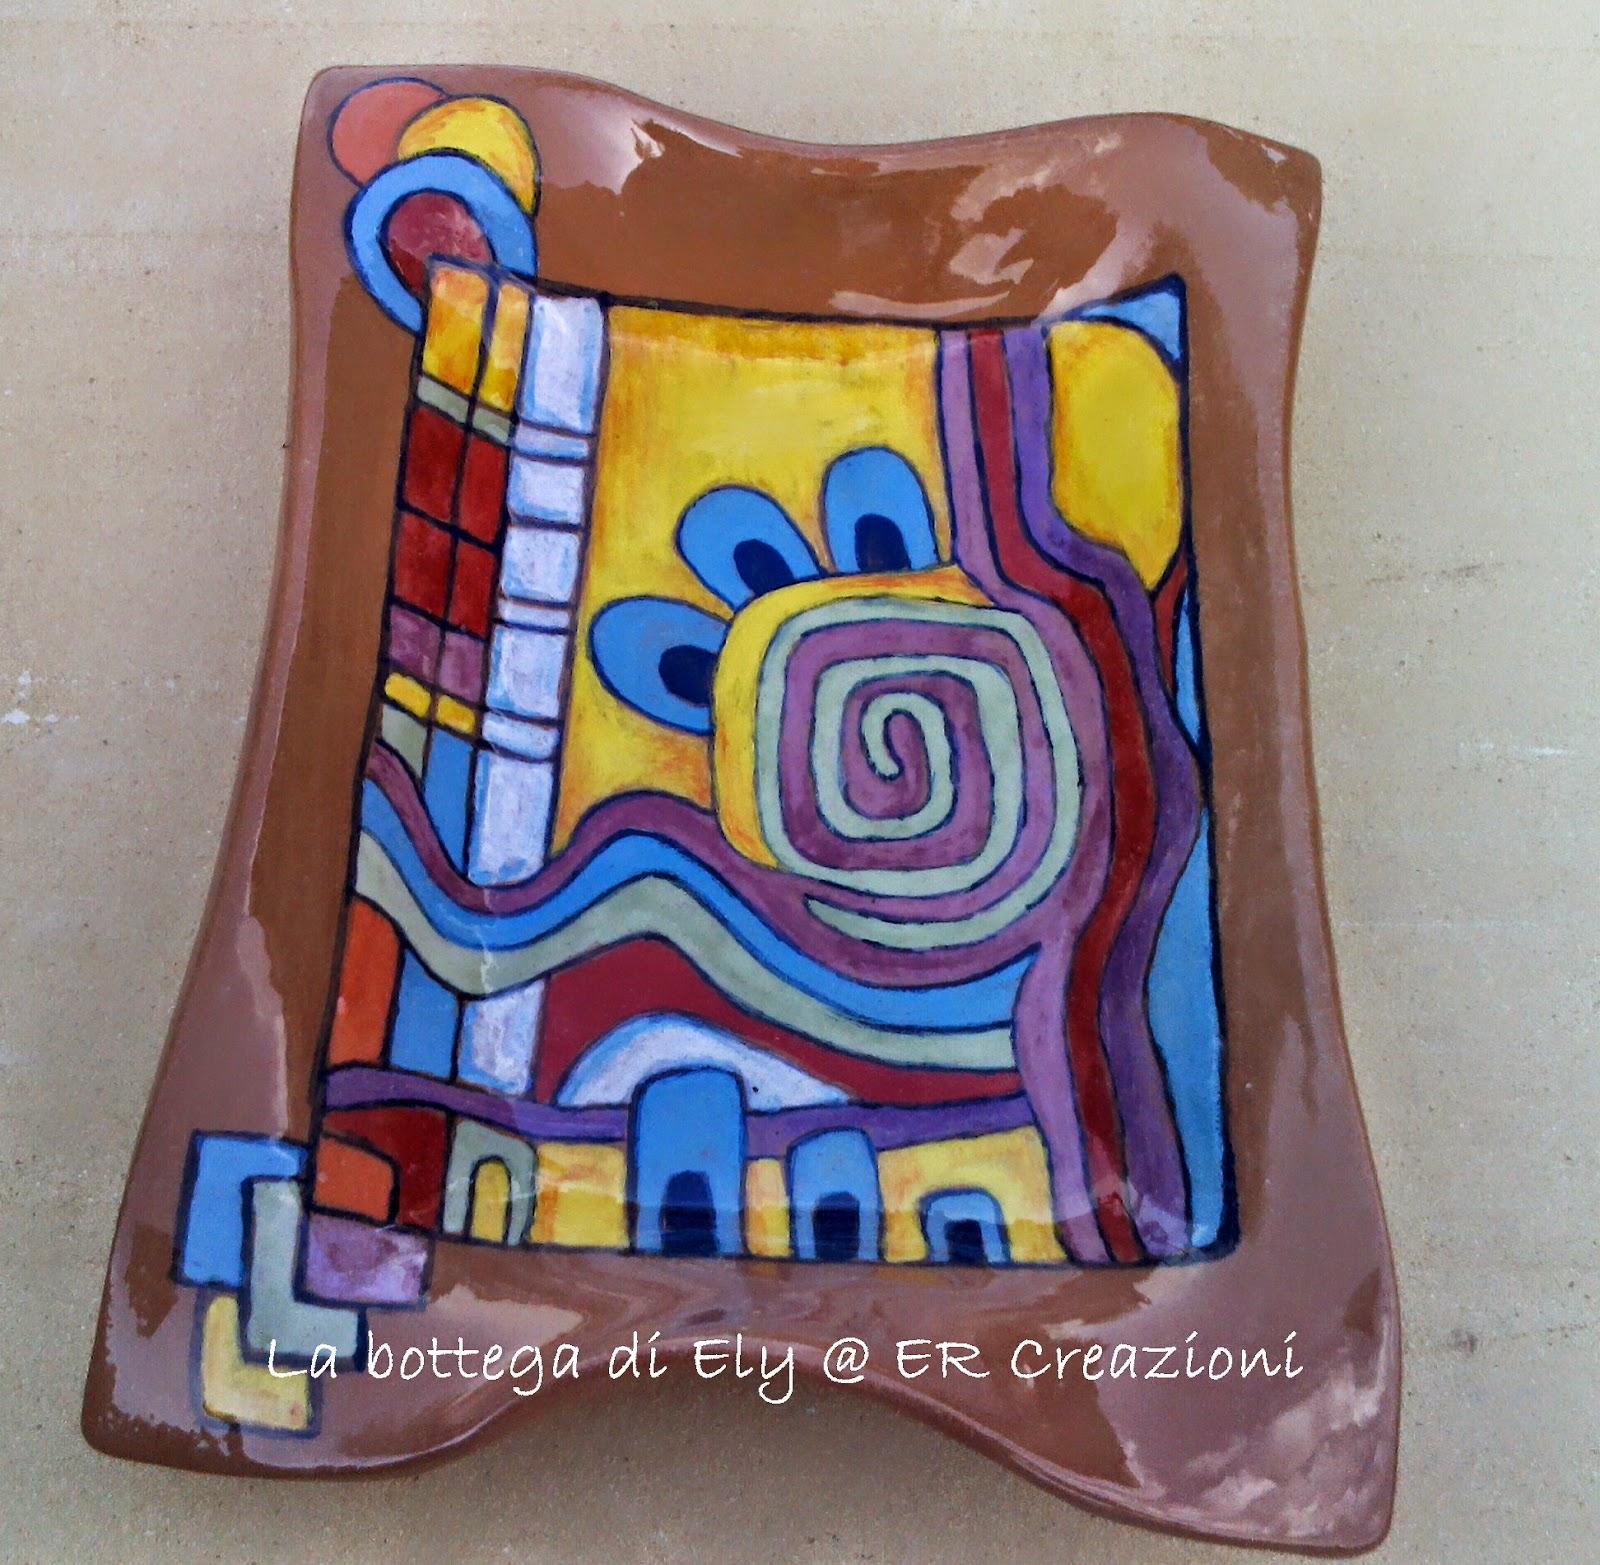 piatto in ceramica rettangolare cotto e colorato